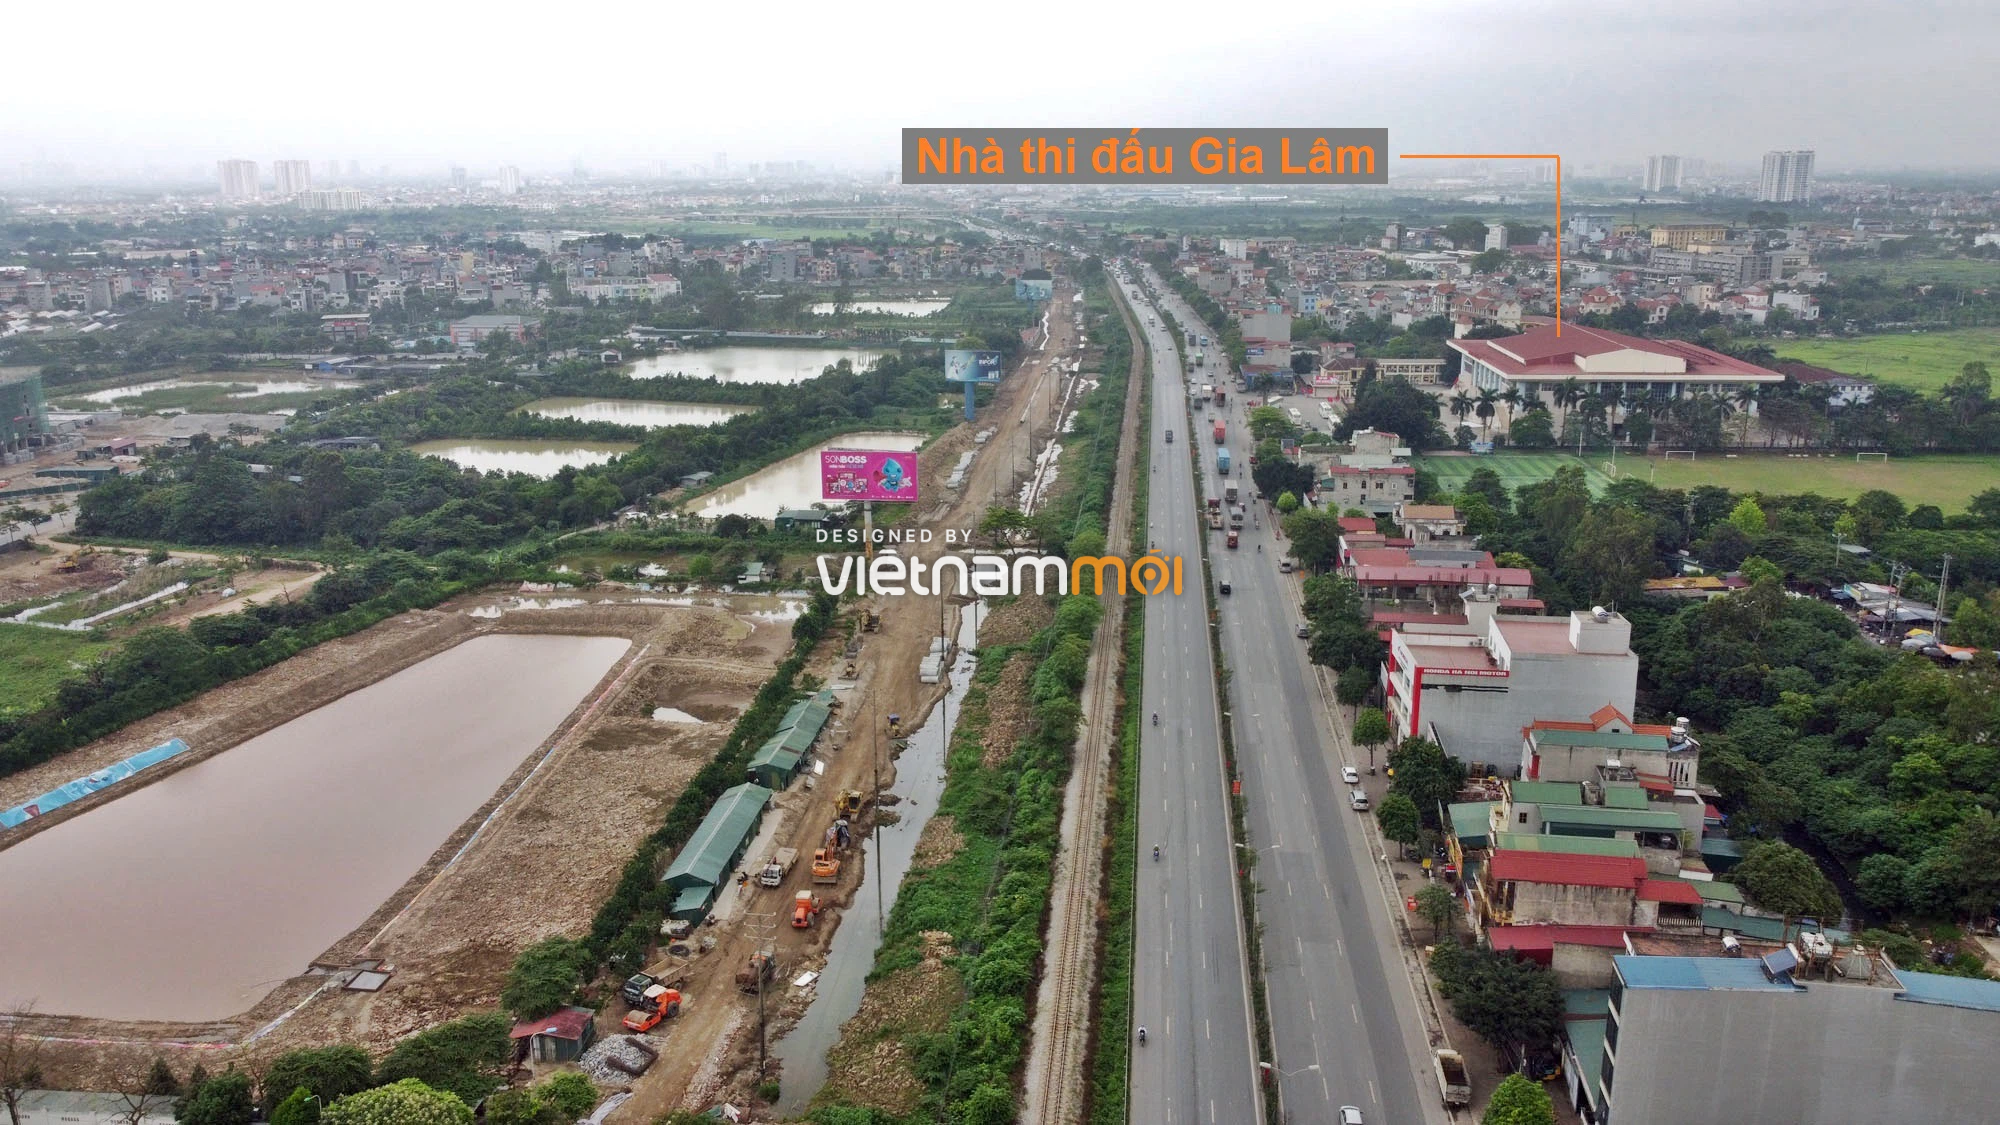 Toàn cảnh tuyến đường gom từ cầu Thanh Trì đến cầu vượt Phú Thị đang mở theo quy hoạch ở Hà Nội - Ảnh 8.